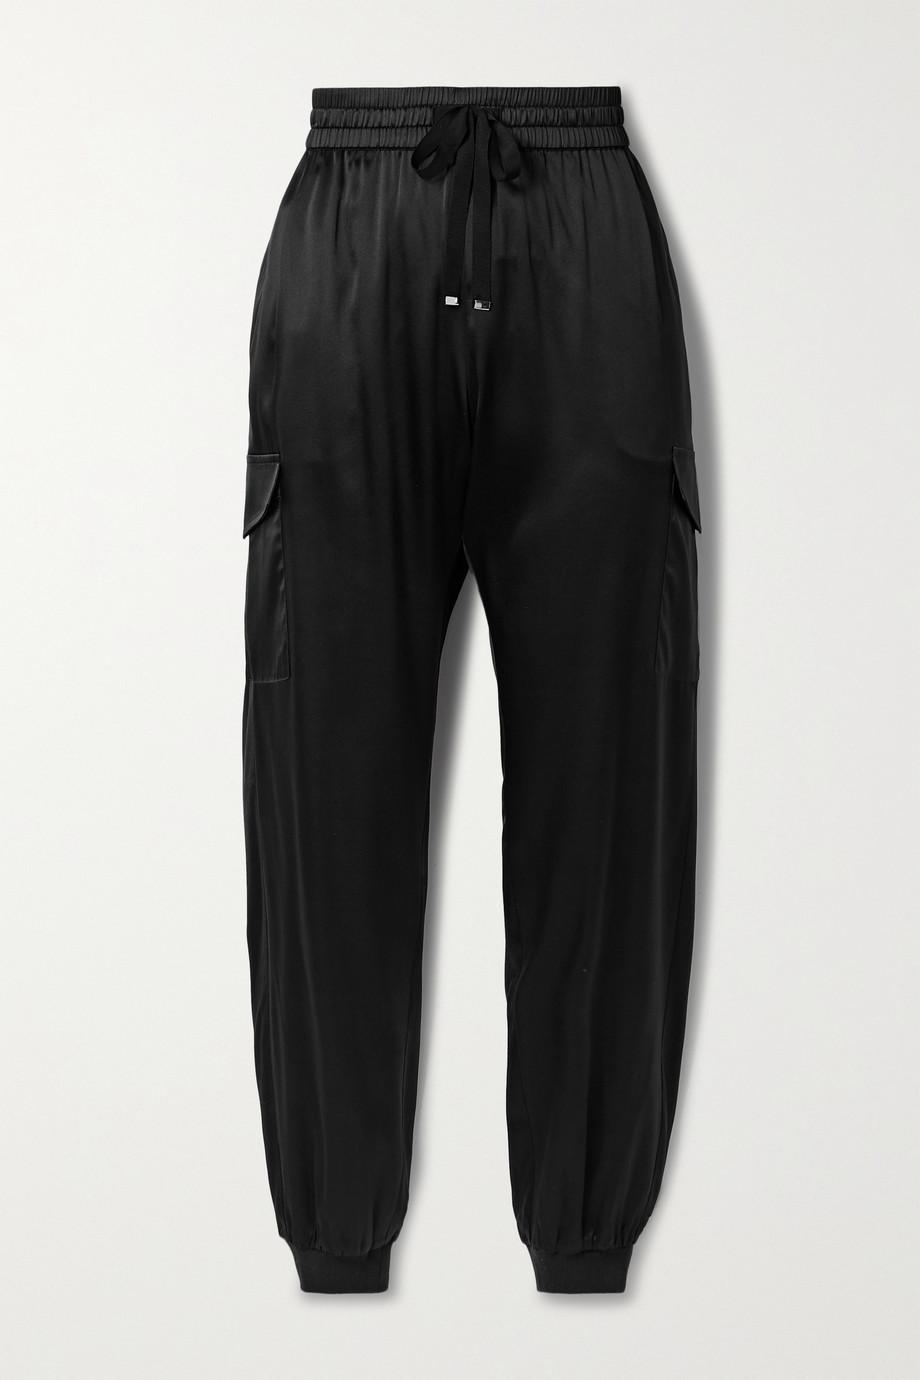 Cami NYC Pantalon de survêtement en charmeuse de soie The Elsie